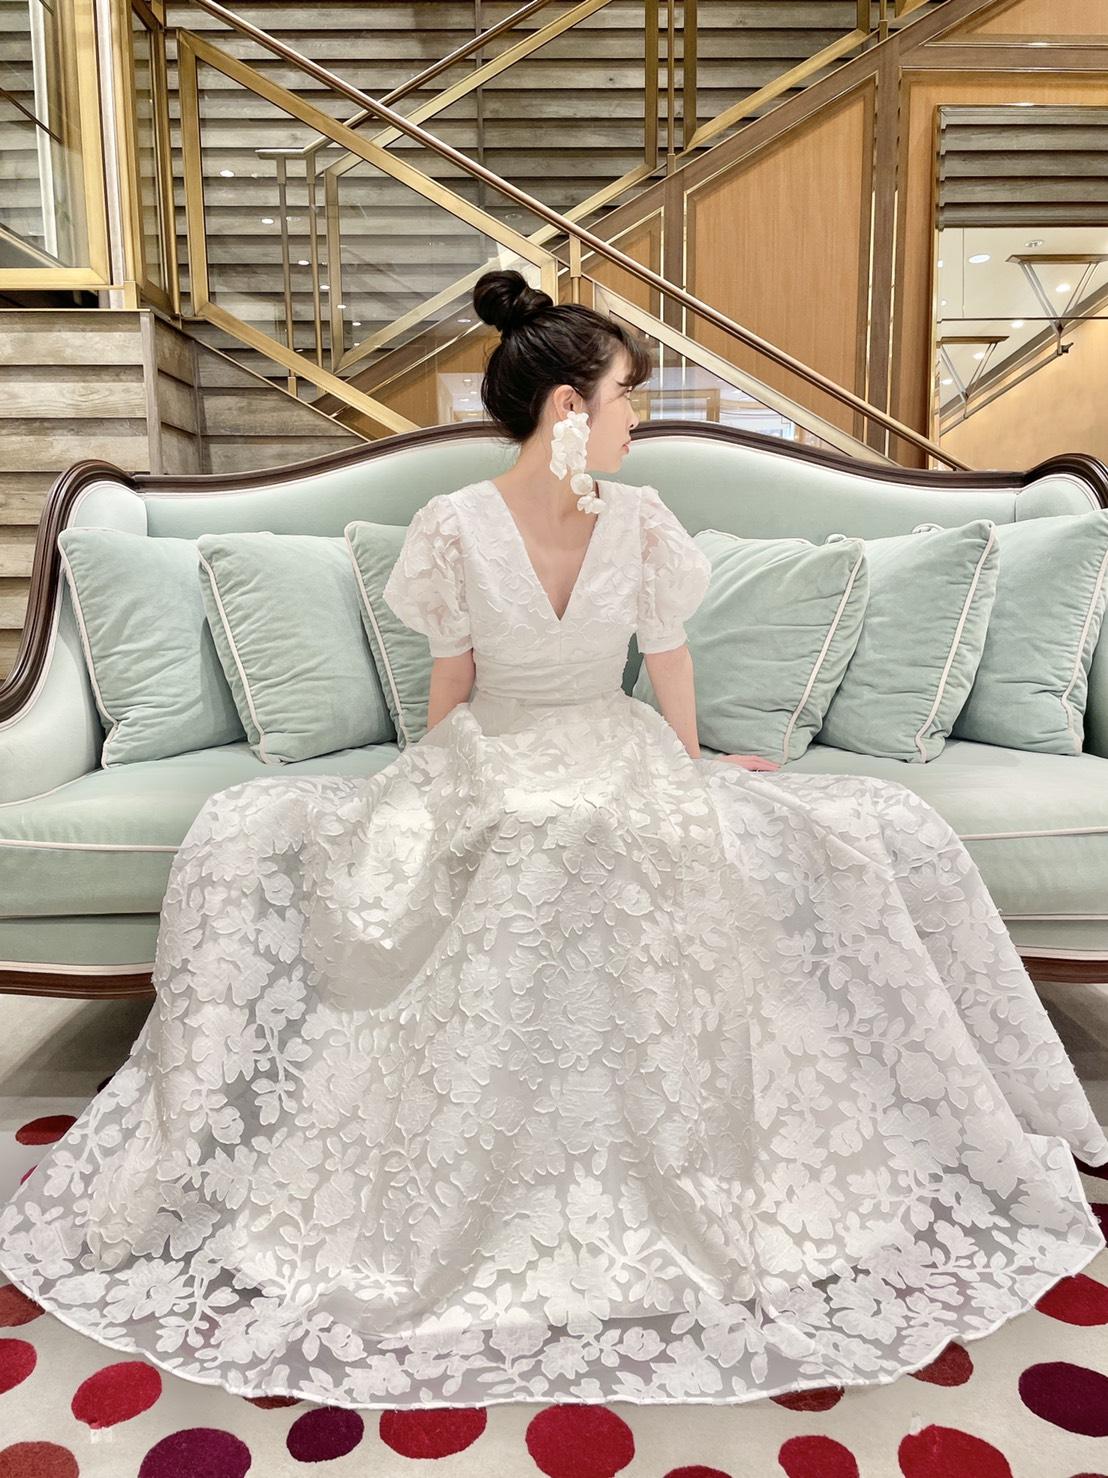 ソファー席におすすめのレースが美しいトリートメゾンのAラインドレス